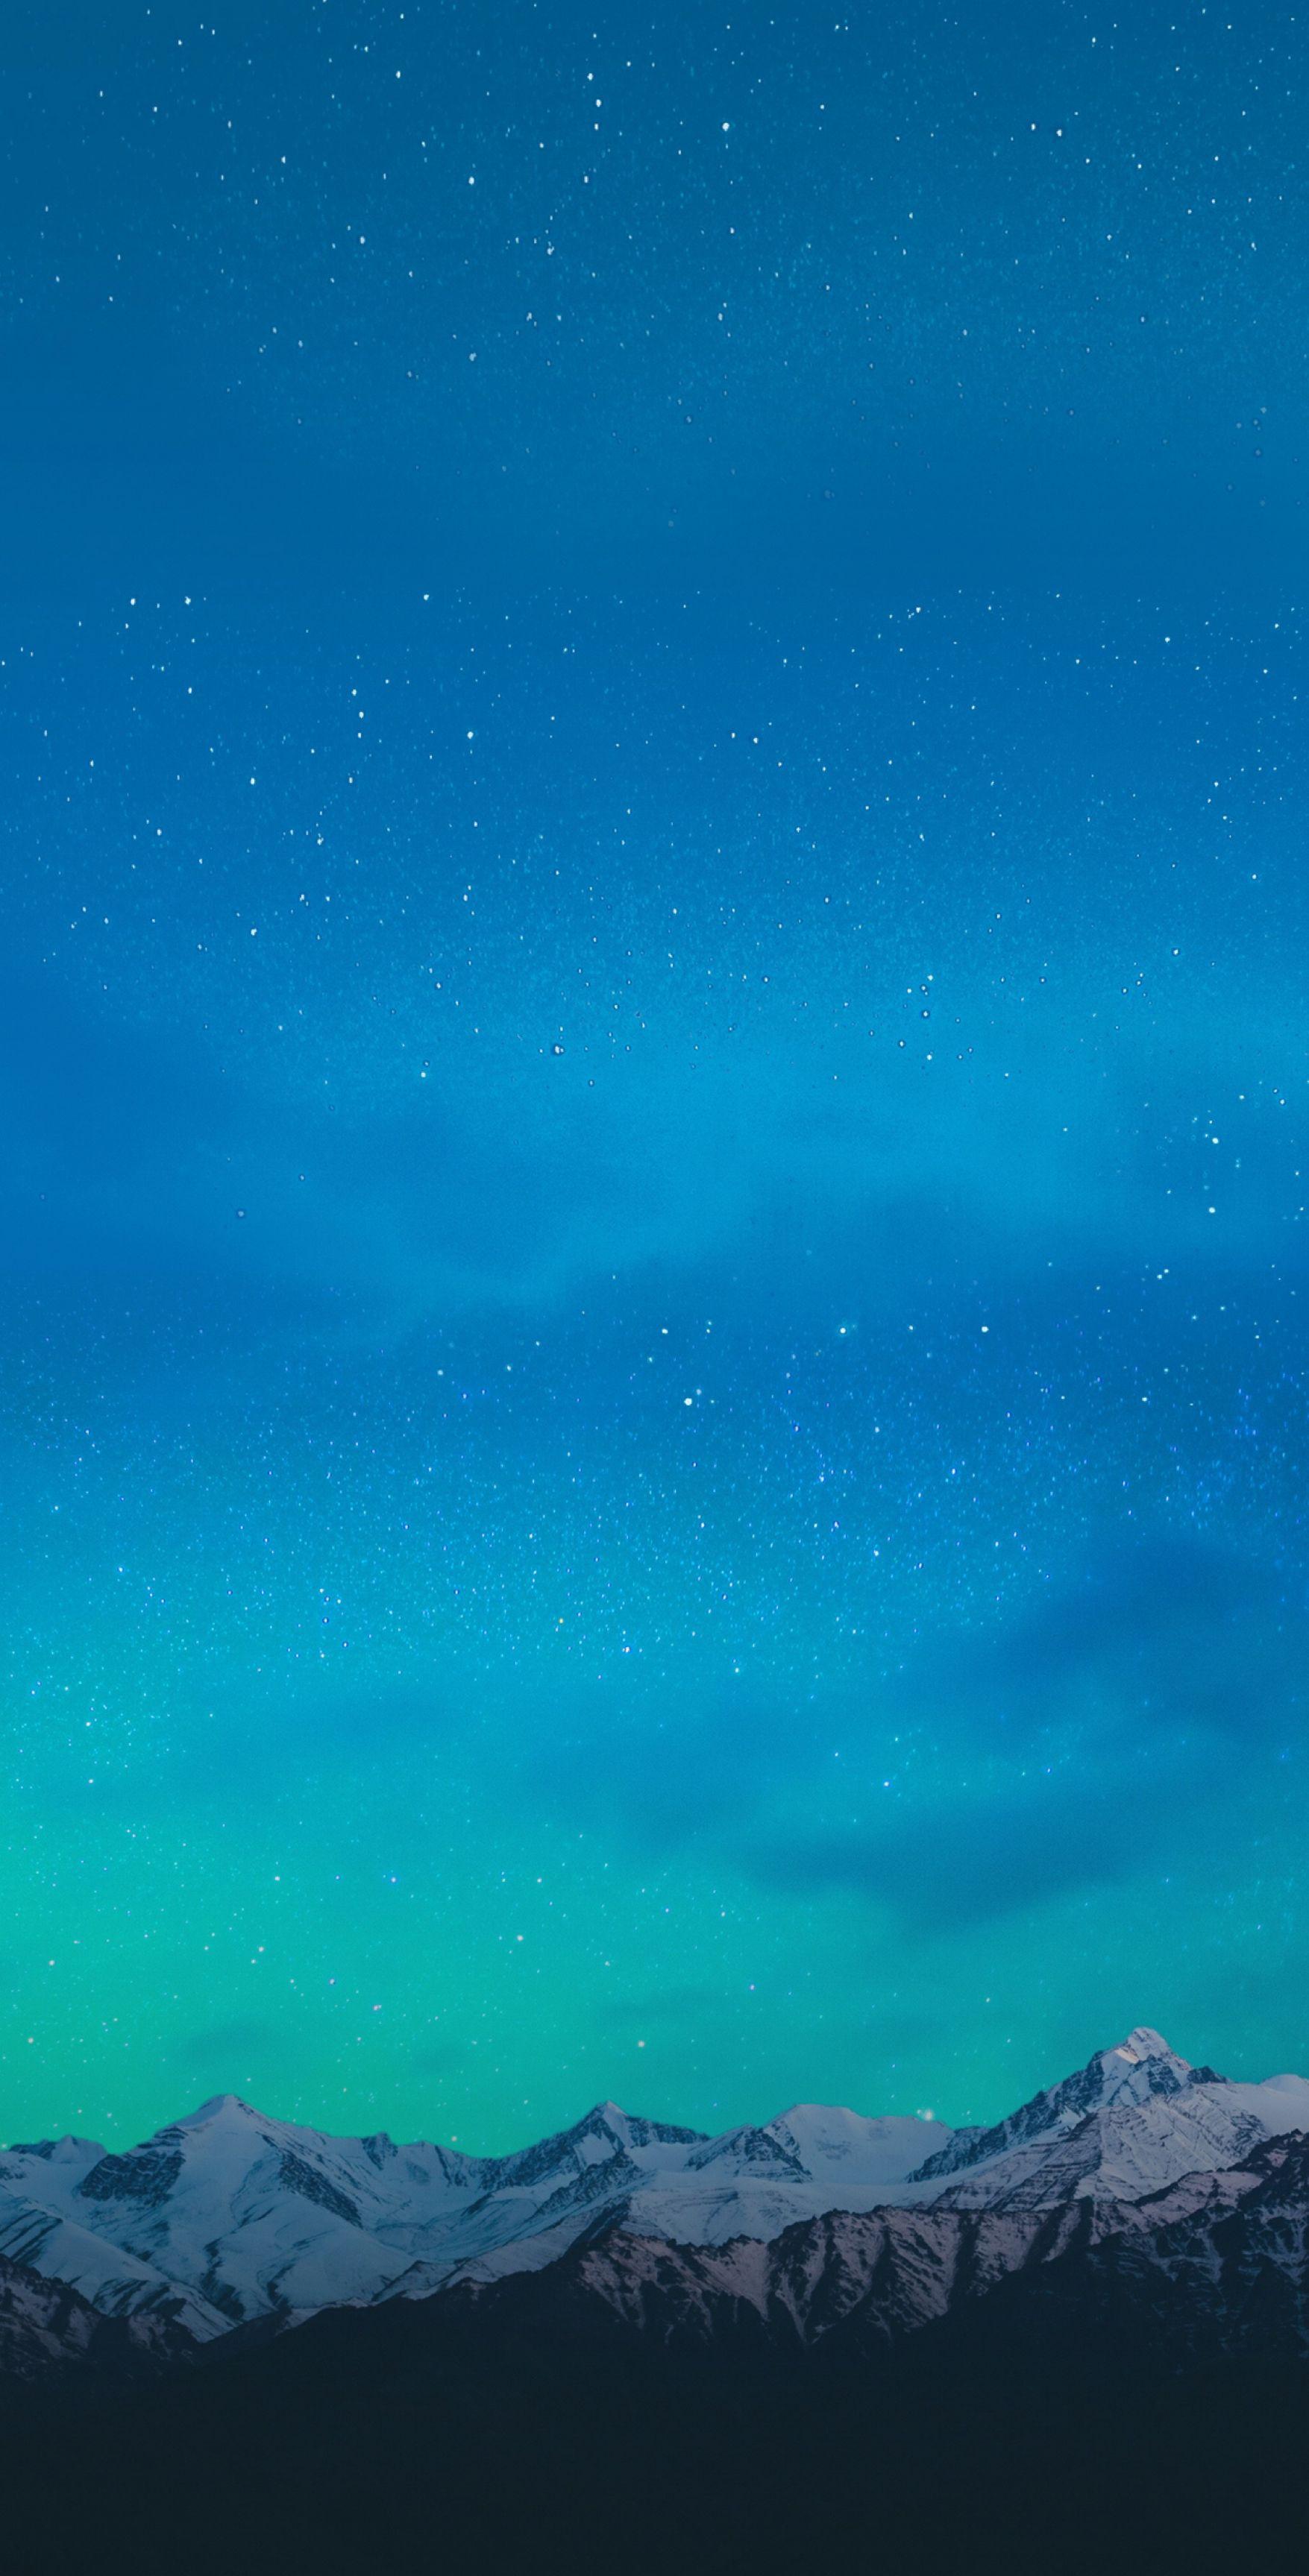 mountain aqua wallpaper galaxy tranquil beauty